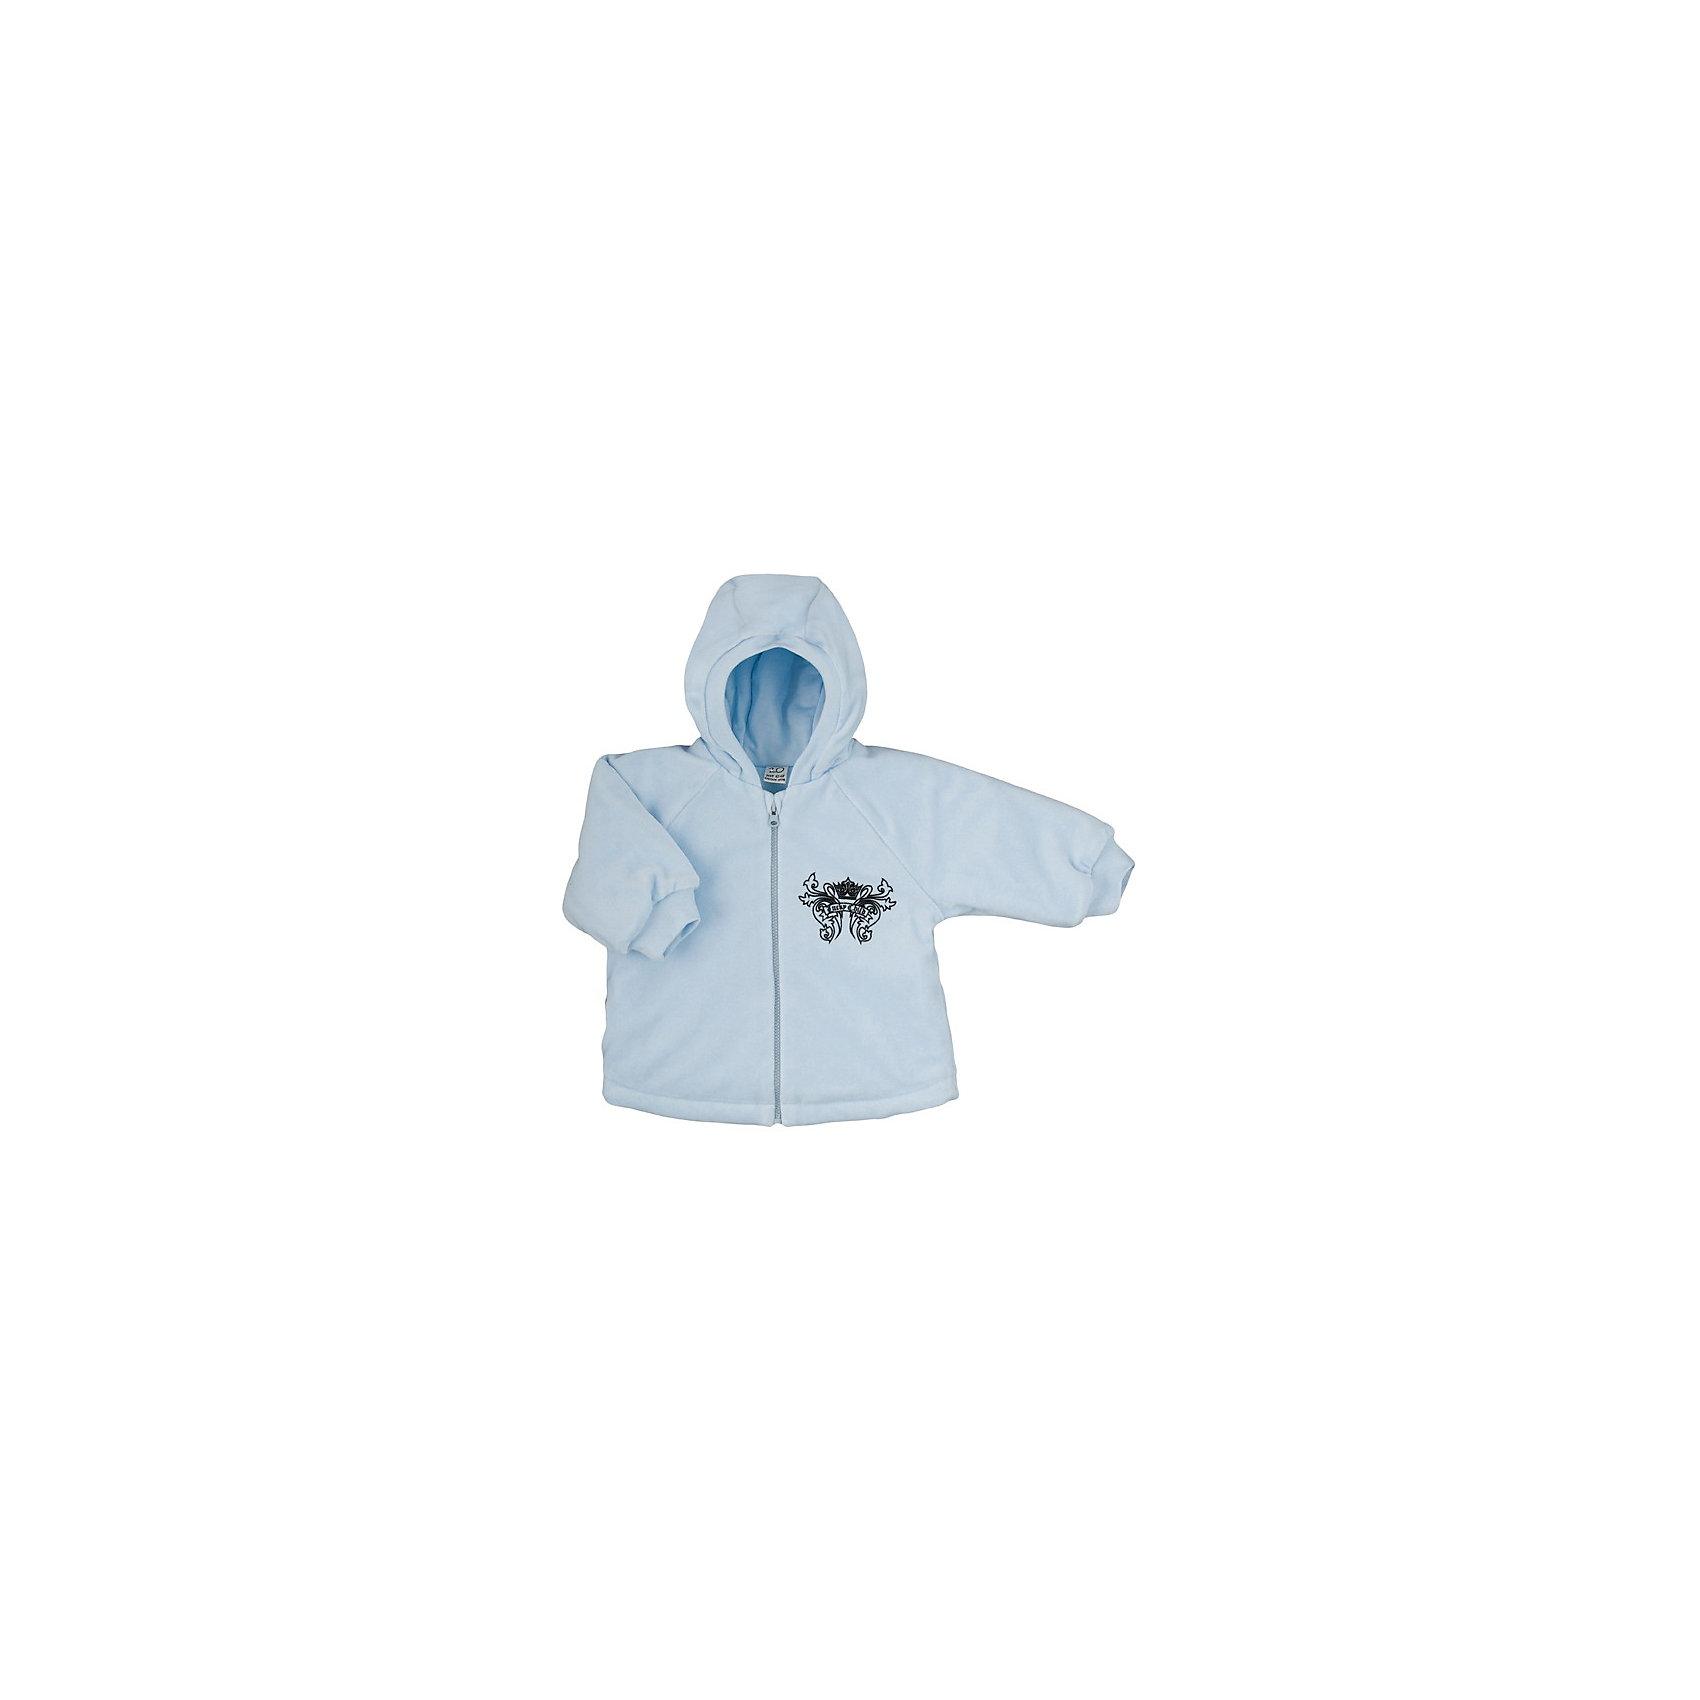 Комплект для мальчика: куртка и ползунки Lucky ChildКомплекты<br>Теплый и уютный комплект для мальчика: куртка и ползунки. Предназначен для использования в сухую погоду при температуре воздуха выше + 15 градусов и обладает слудующими особенностями: - нежный голубой цвет; - высокое качество исполнения от Lucky Child; - полностью натуральные гипоаллергенные материалы (100% хлопок), приятные к телу. Куртка с глубоким теплым капюшоном и с застежкой-молнией, предусматривающей защиту подбородка. Манжеты выполнены из мягкой трикотажной резинки, обеспечивающей более плотное прилегание к телу. Ползунки с кнопками на плечах и по бокам, а также с мягкими манжетами с отворотом.<br><br>Ширина мм: 157<br>Глубина мм: 13<br>Высота мм: 119<br>Вес г: 200<br>Цвет: голубой<br>Возраст от месяцев: 3<br>Возраст до месяцев: 6<br>Пол: Мужской<br>Возраст: Детский<br>Размер: 62/68,80/86,74/80,68/74<br>SKU: 3340789